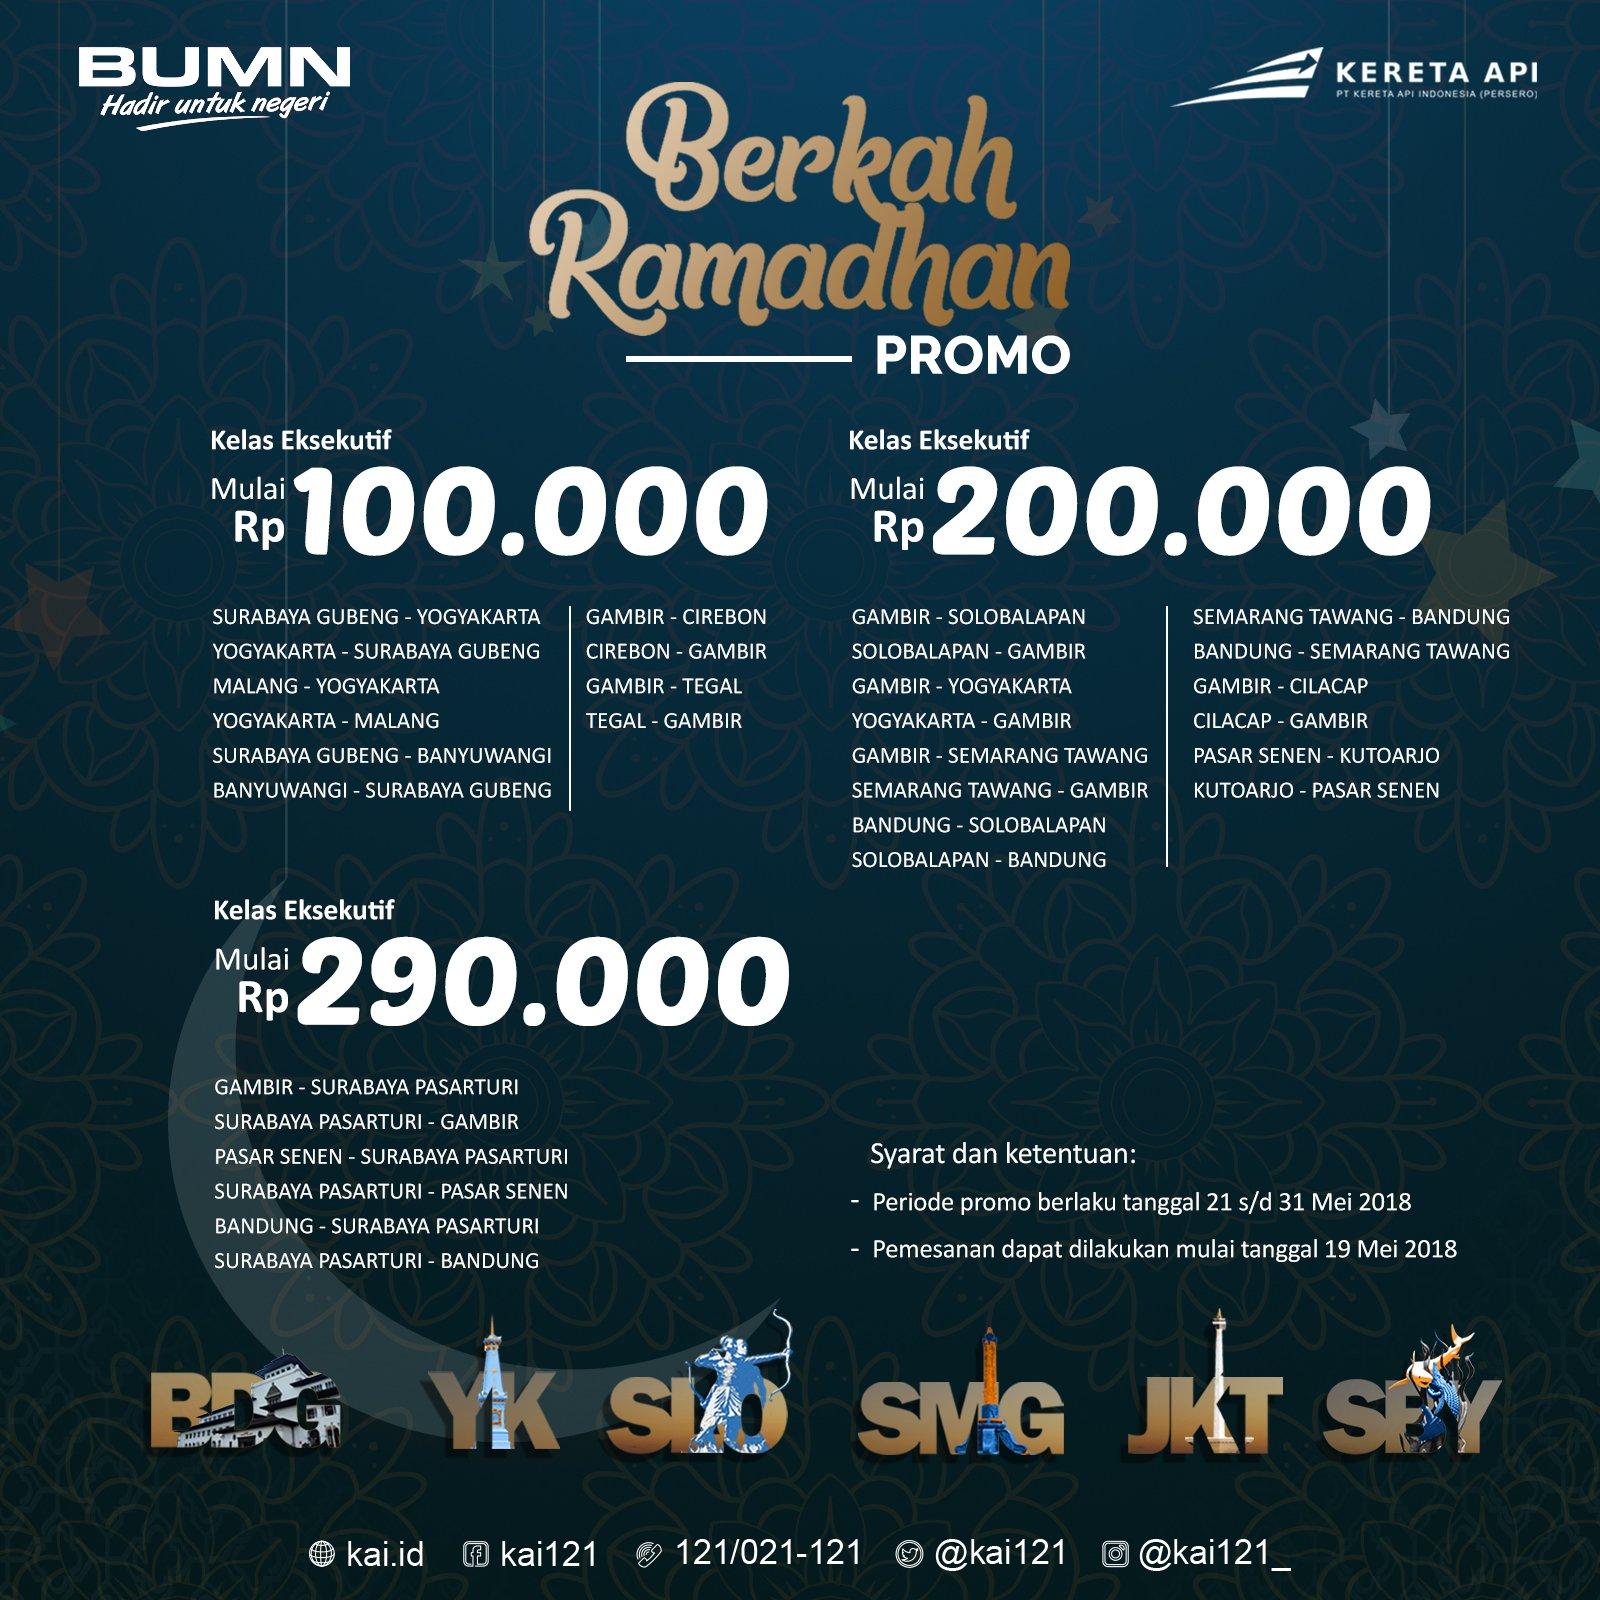 Berkah Ramadan bagi para pengguna jasa kereta api dari PT KAI (Persero)